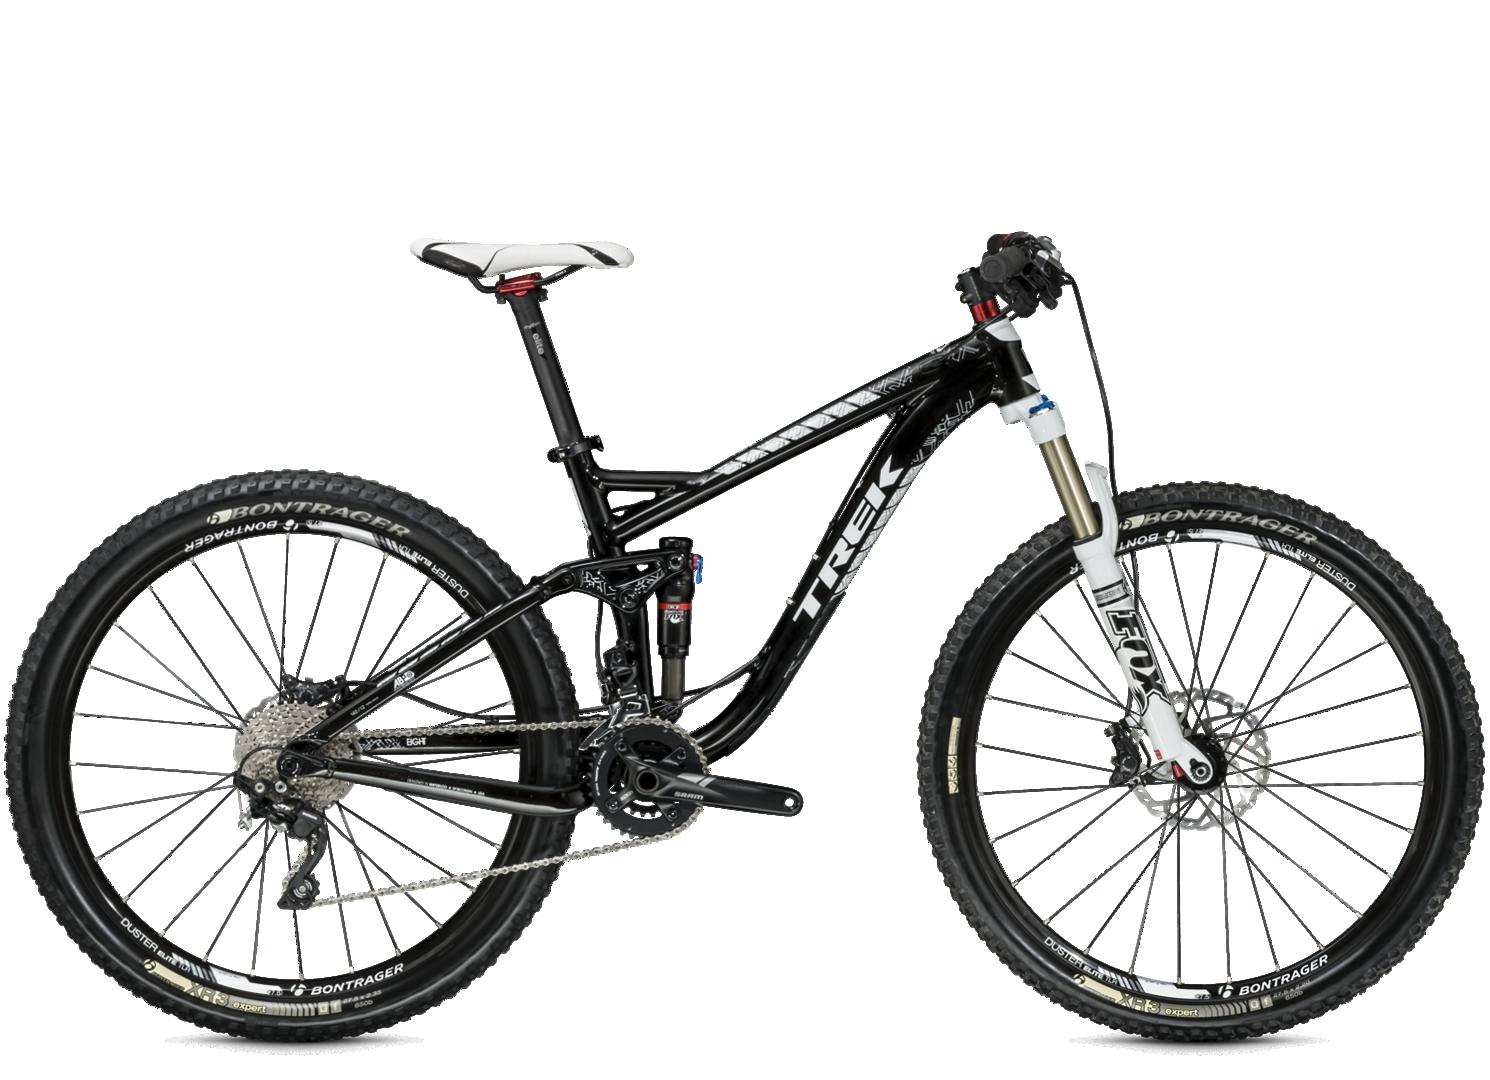 Fuel EX 8 27.5 - $2799